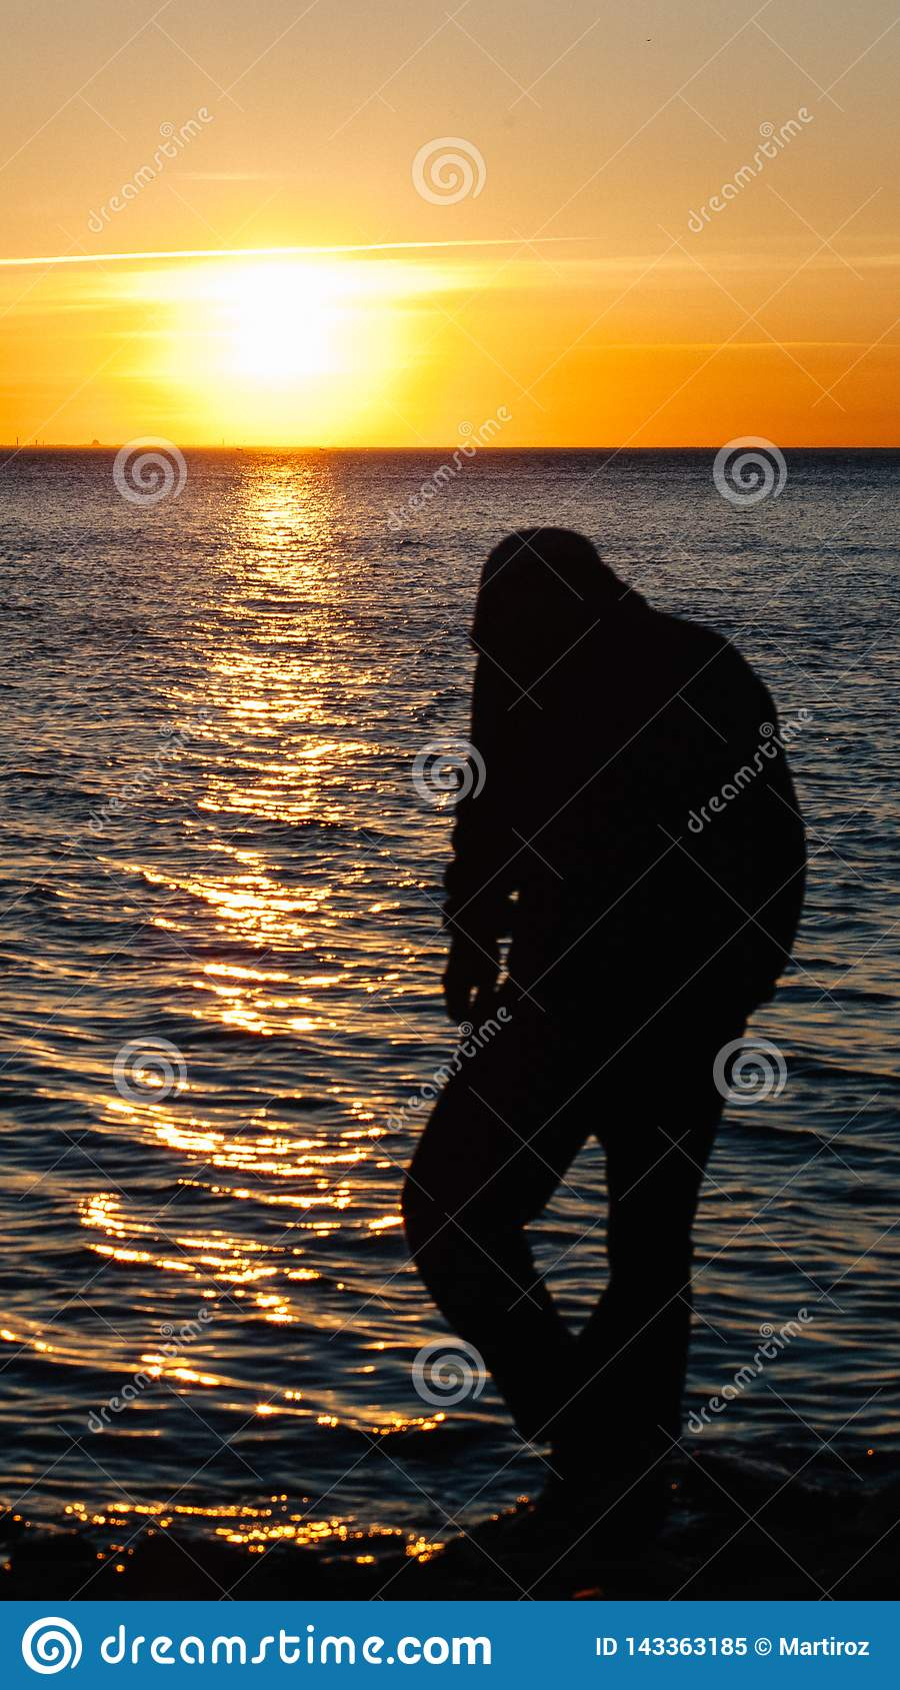 Op zee zonsondergang of dageraad Met mensensilhouet De kust van de Zwarte Zee Mobiele Screensaver, Verticaal schema, Aardbehang M